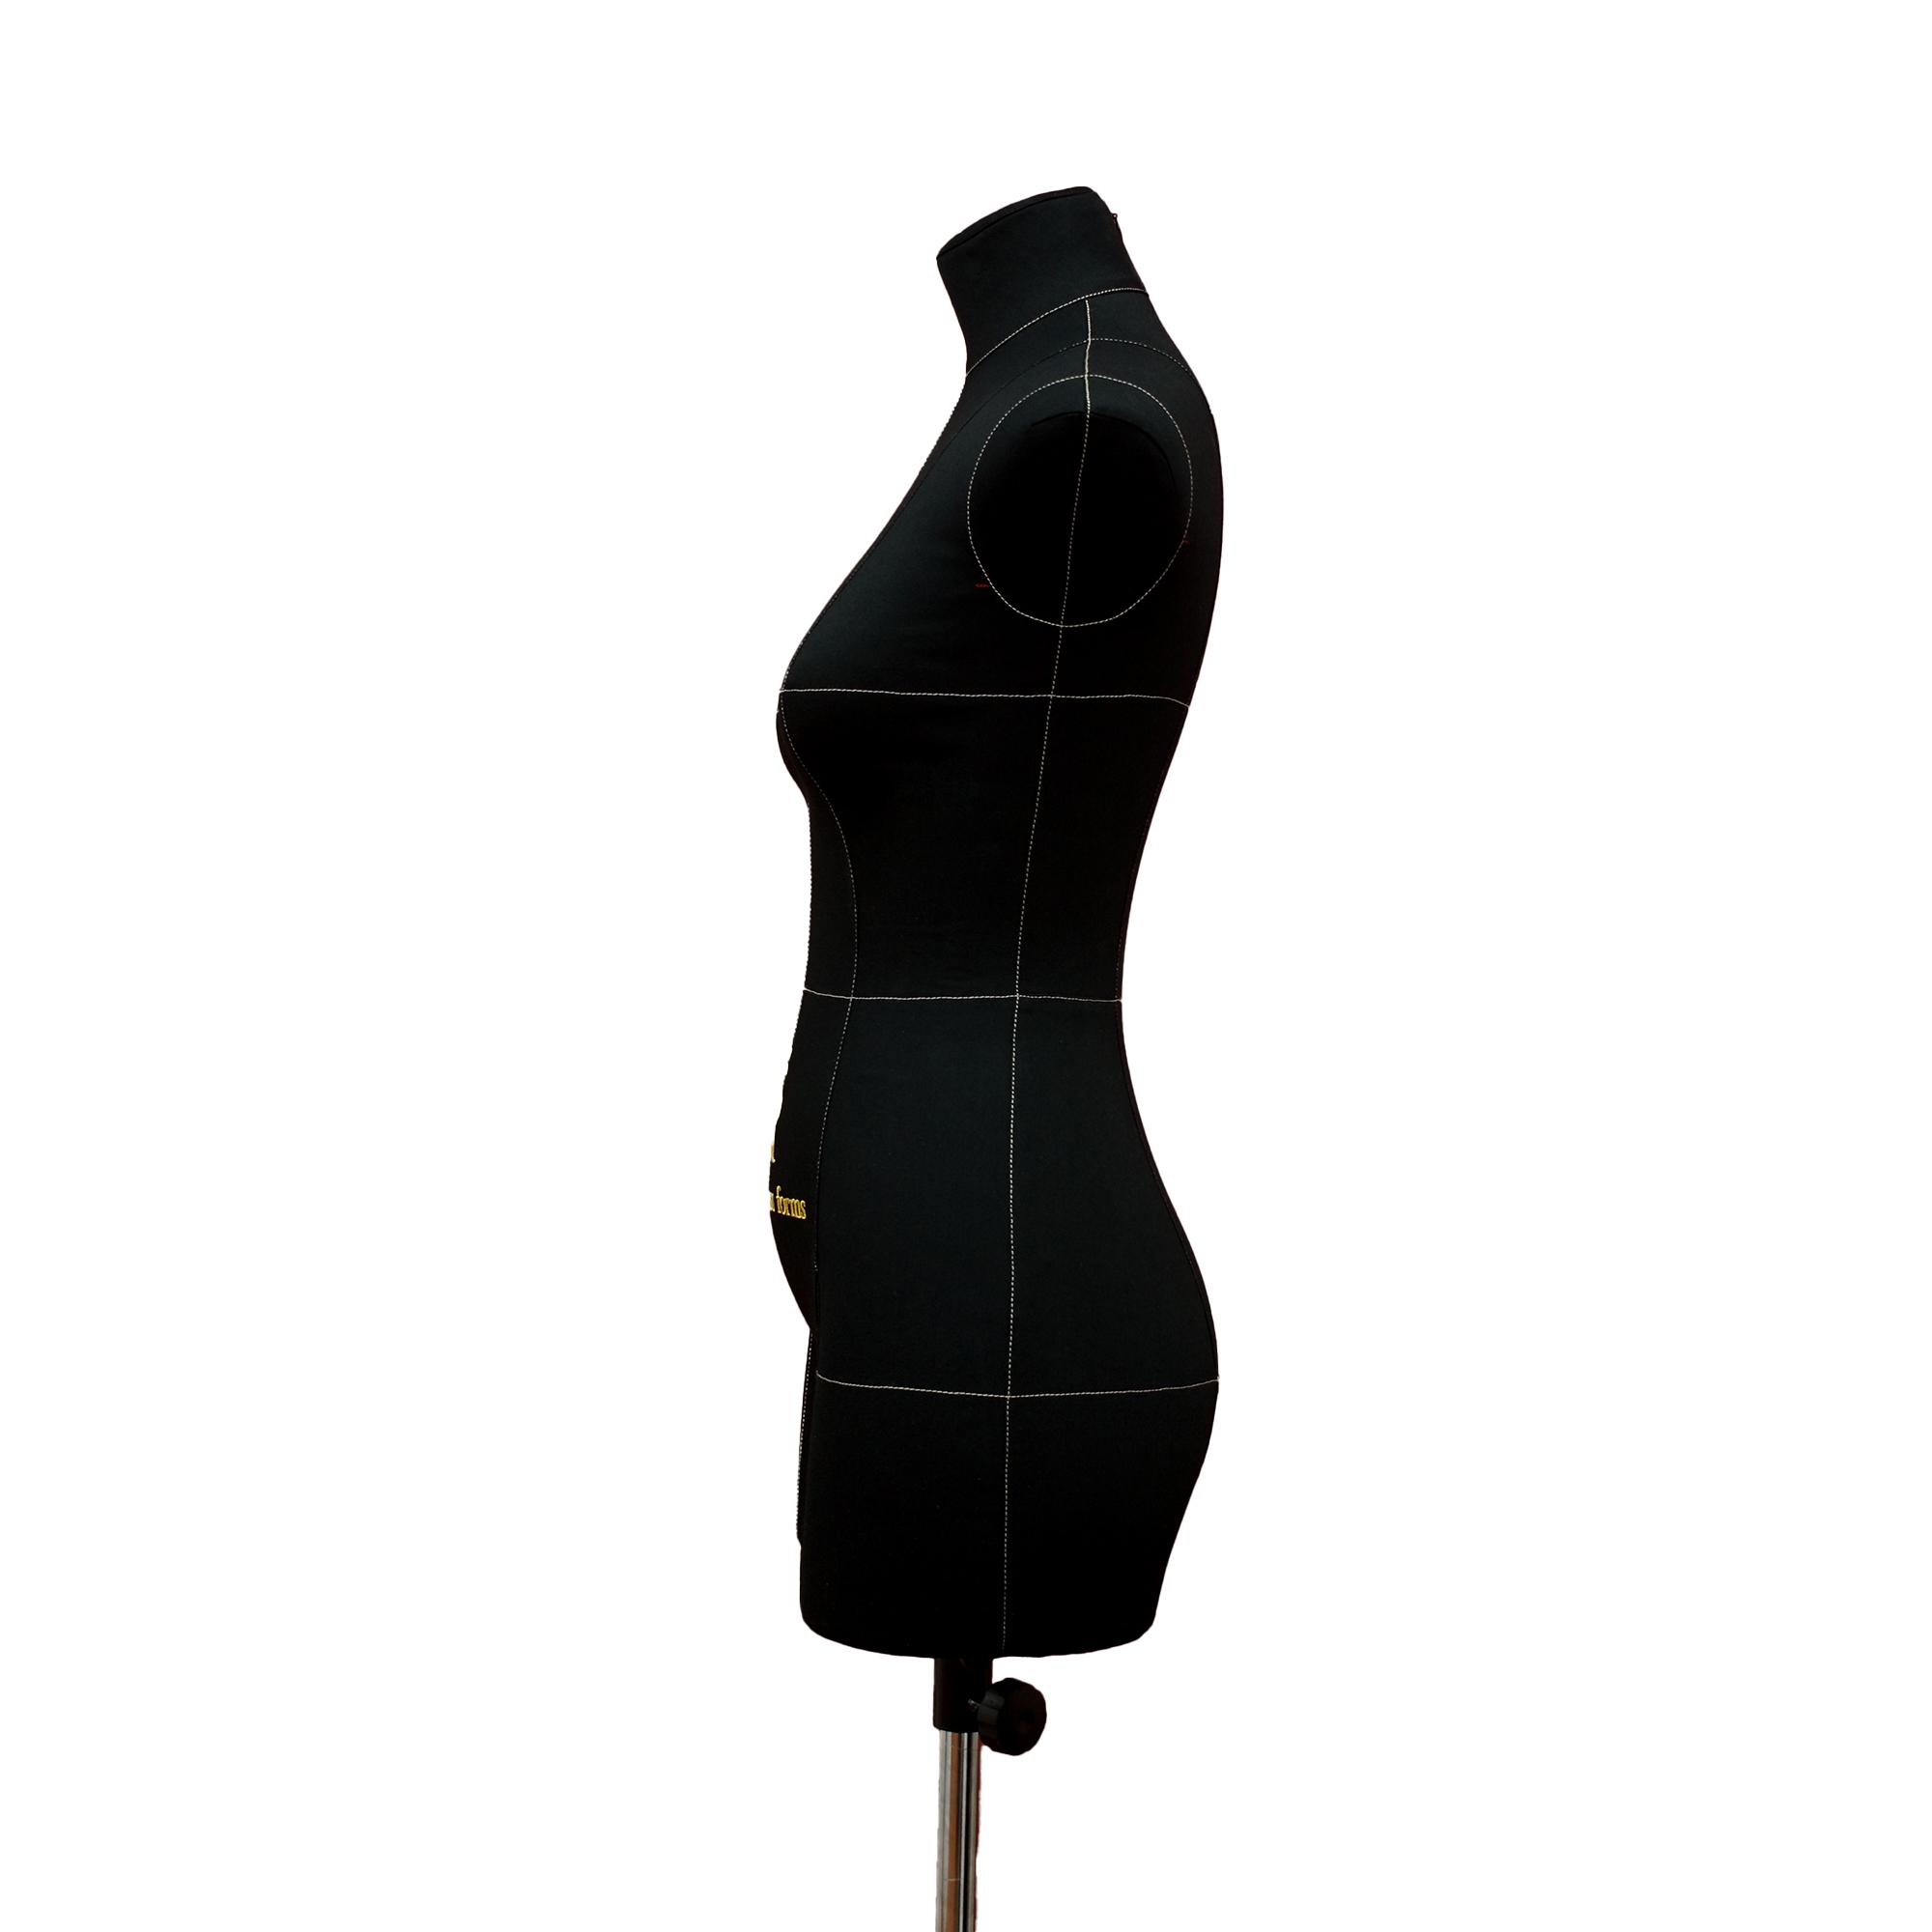 Манекен портновский Моника, комплект Премиум, размер 44, тип фигуры Песочные часы, черныйФото 2